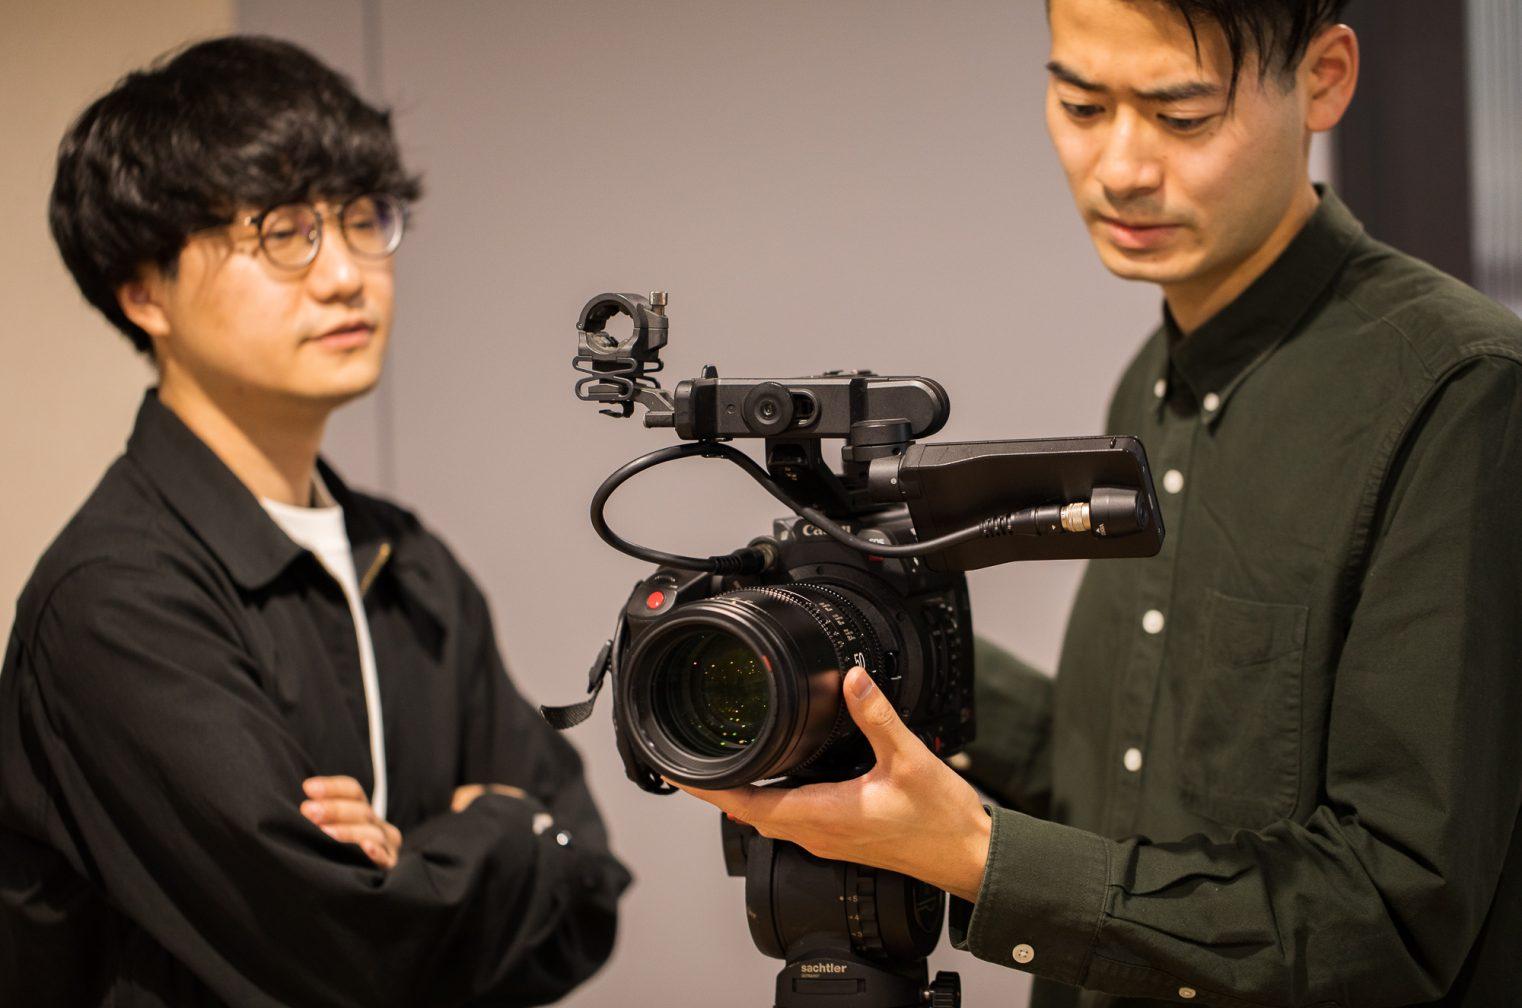 【ディレクター・エディター編】エレファントストーンの新メンバーへインタビューしてきました!